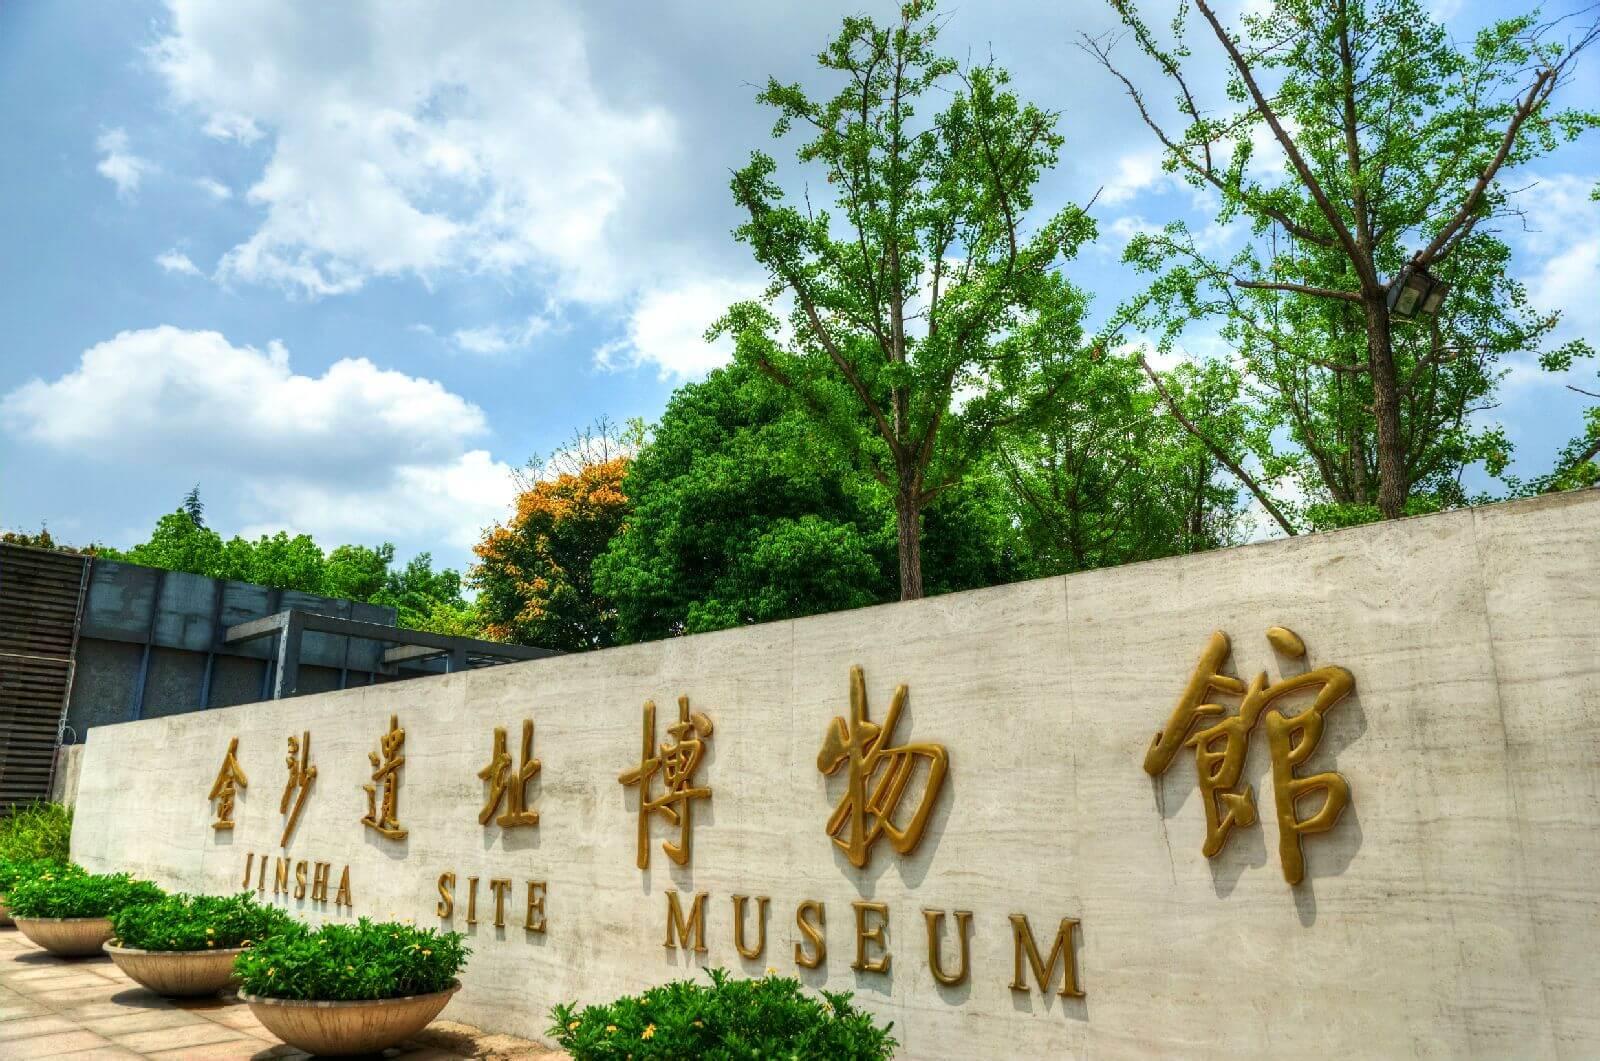 chengdu jinsha site museum